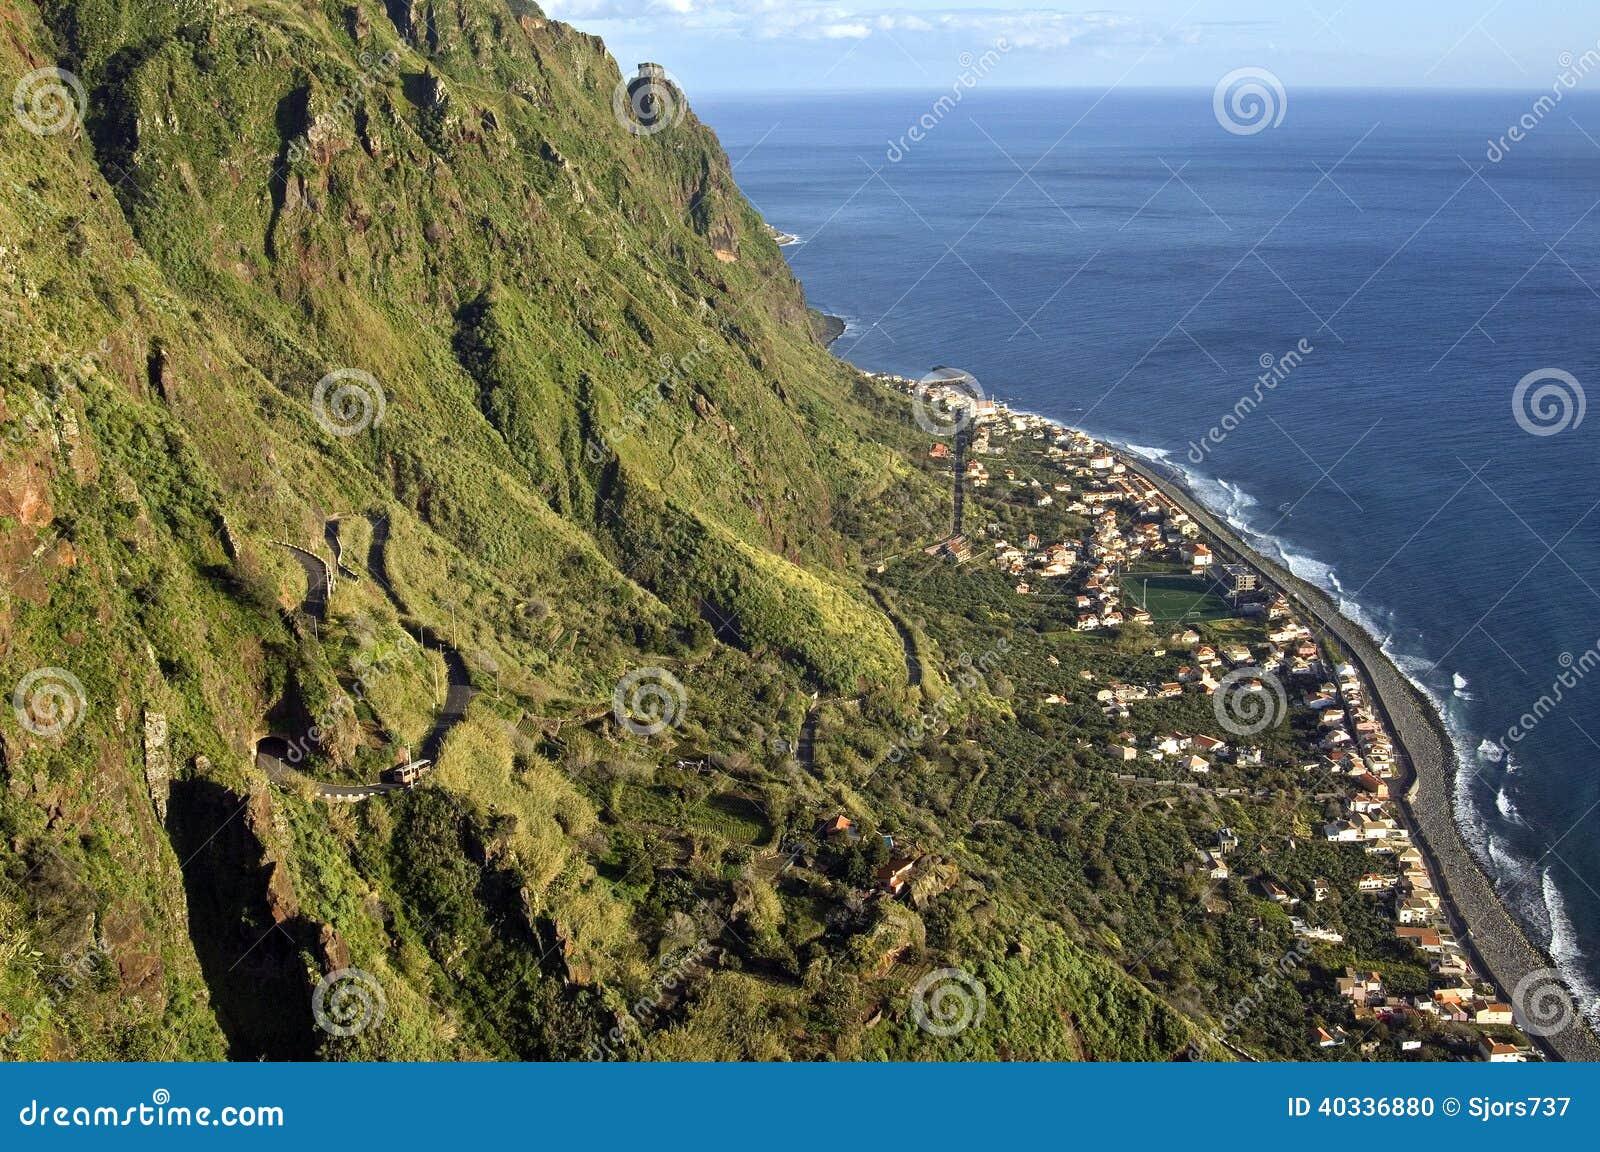 Vista aérea del pueblo costero, acantilados, Océano Atlántico